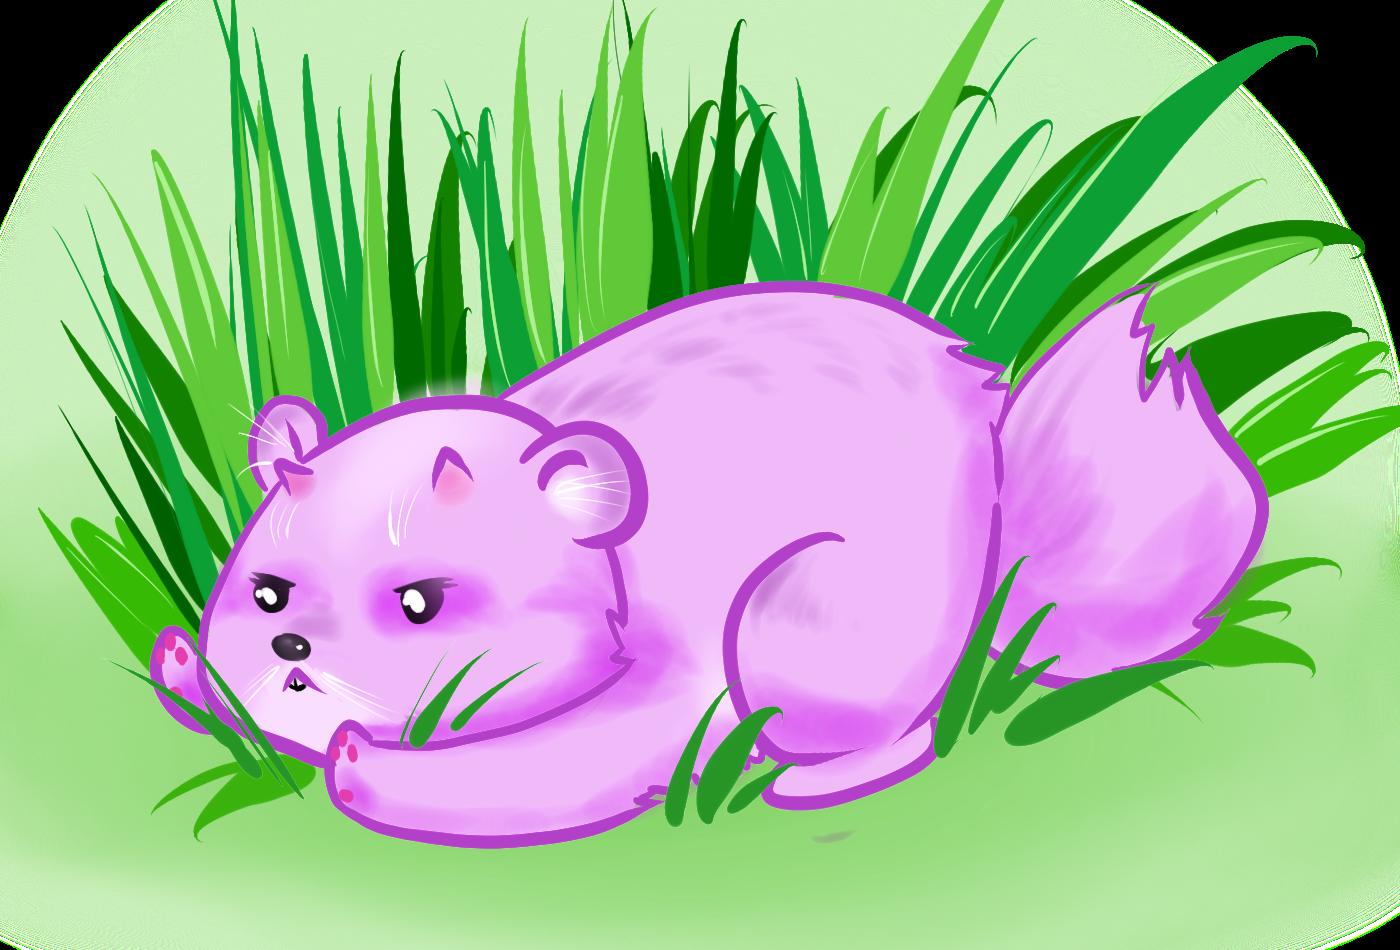 My grass!